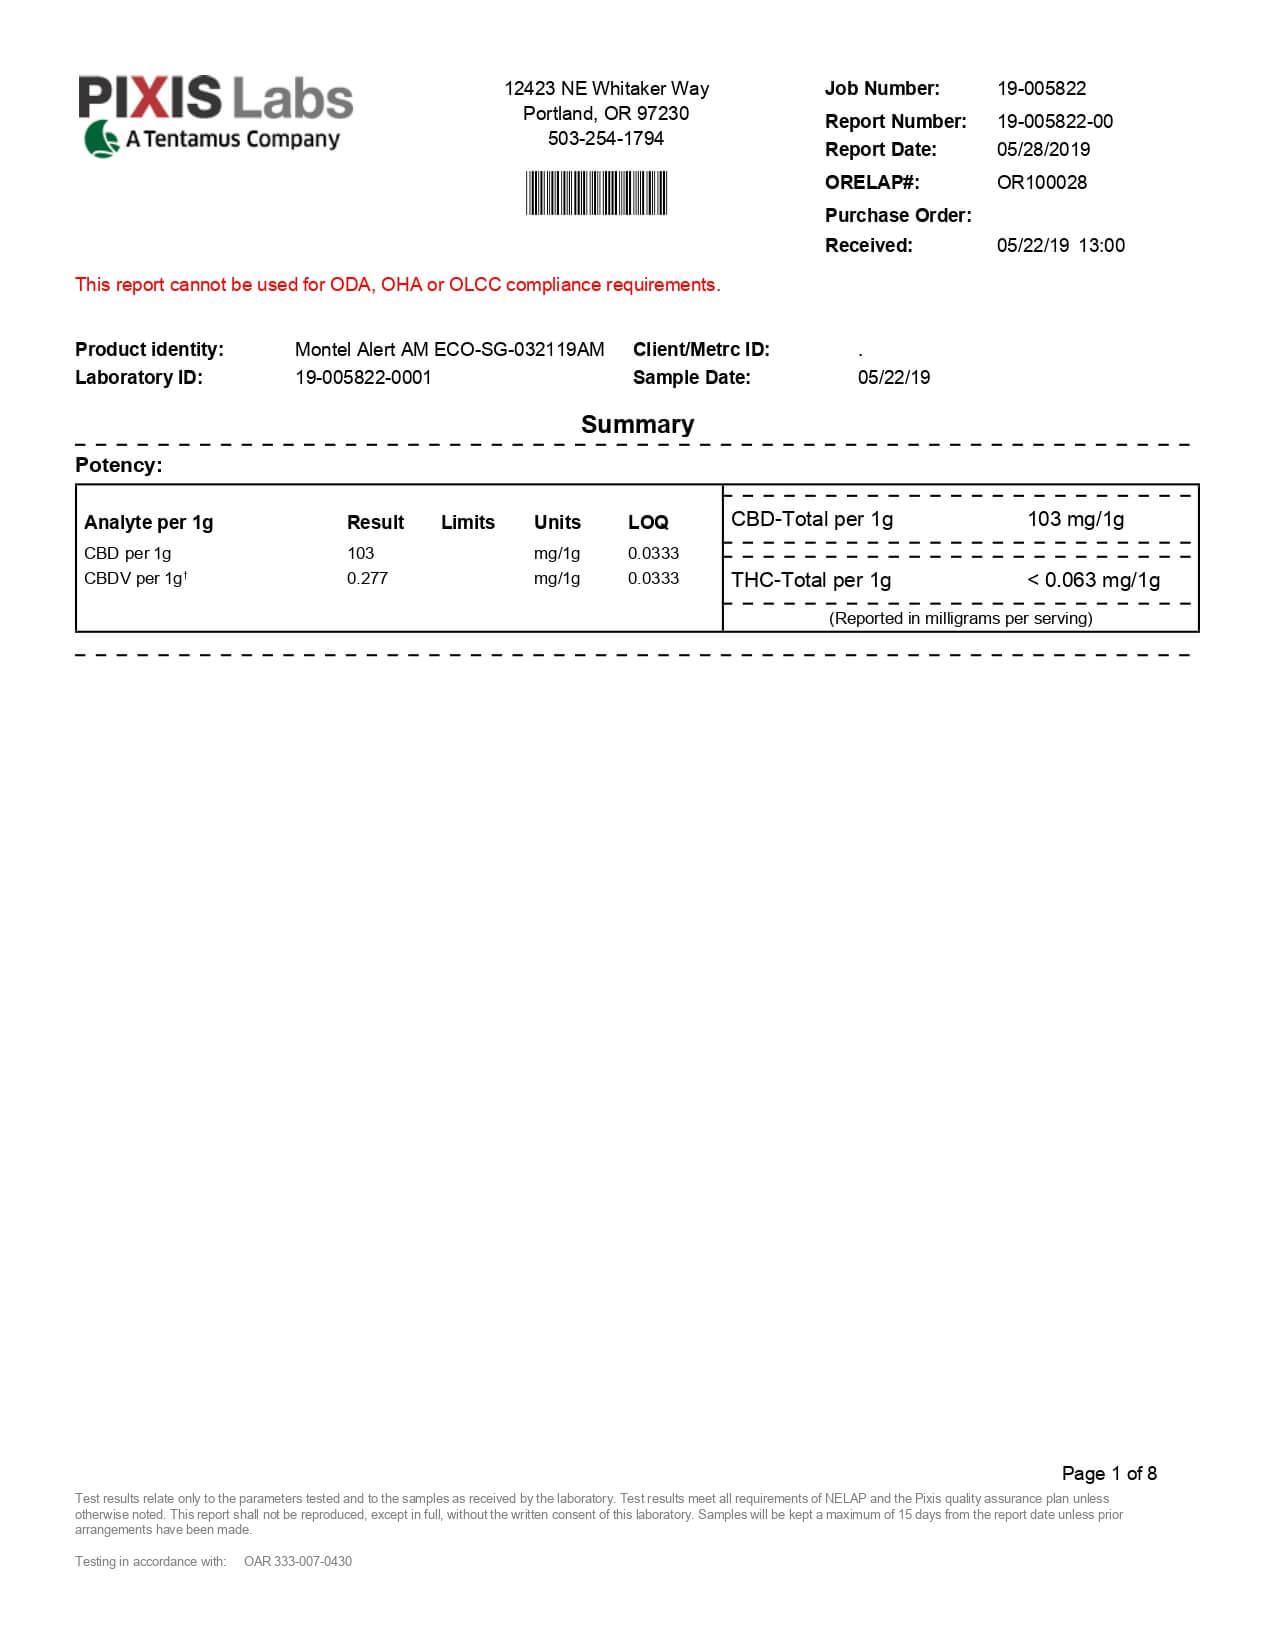 Select CBD Capsule Alert Montel Lab Report